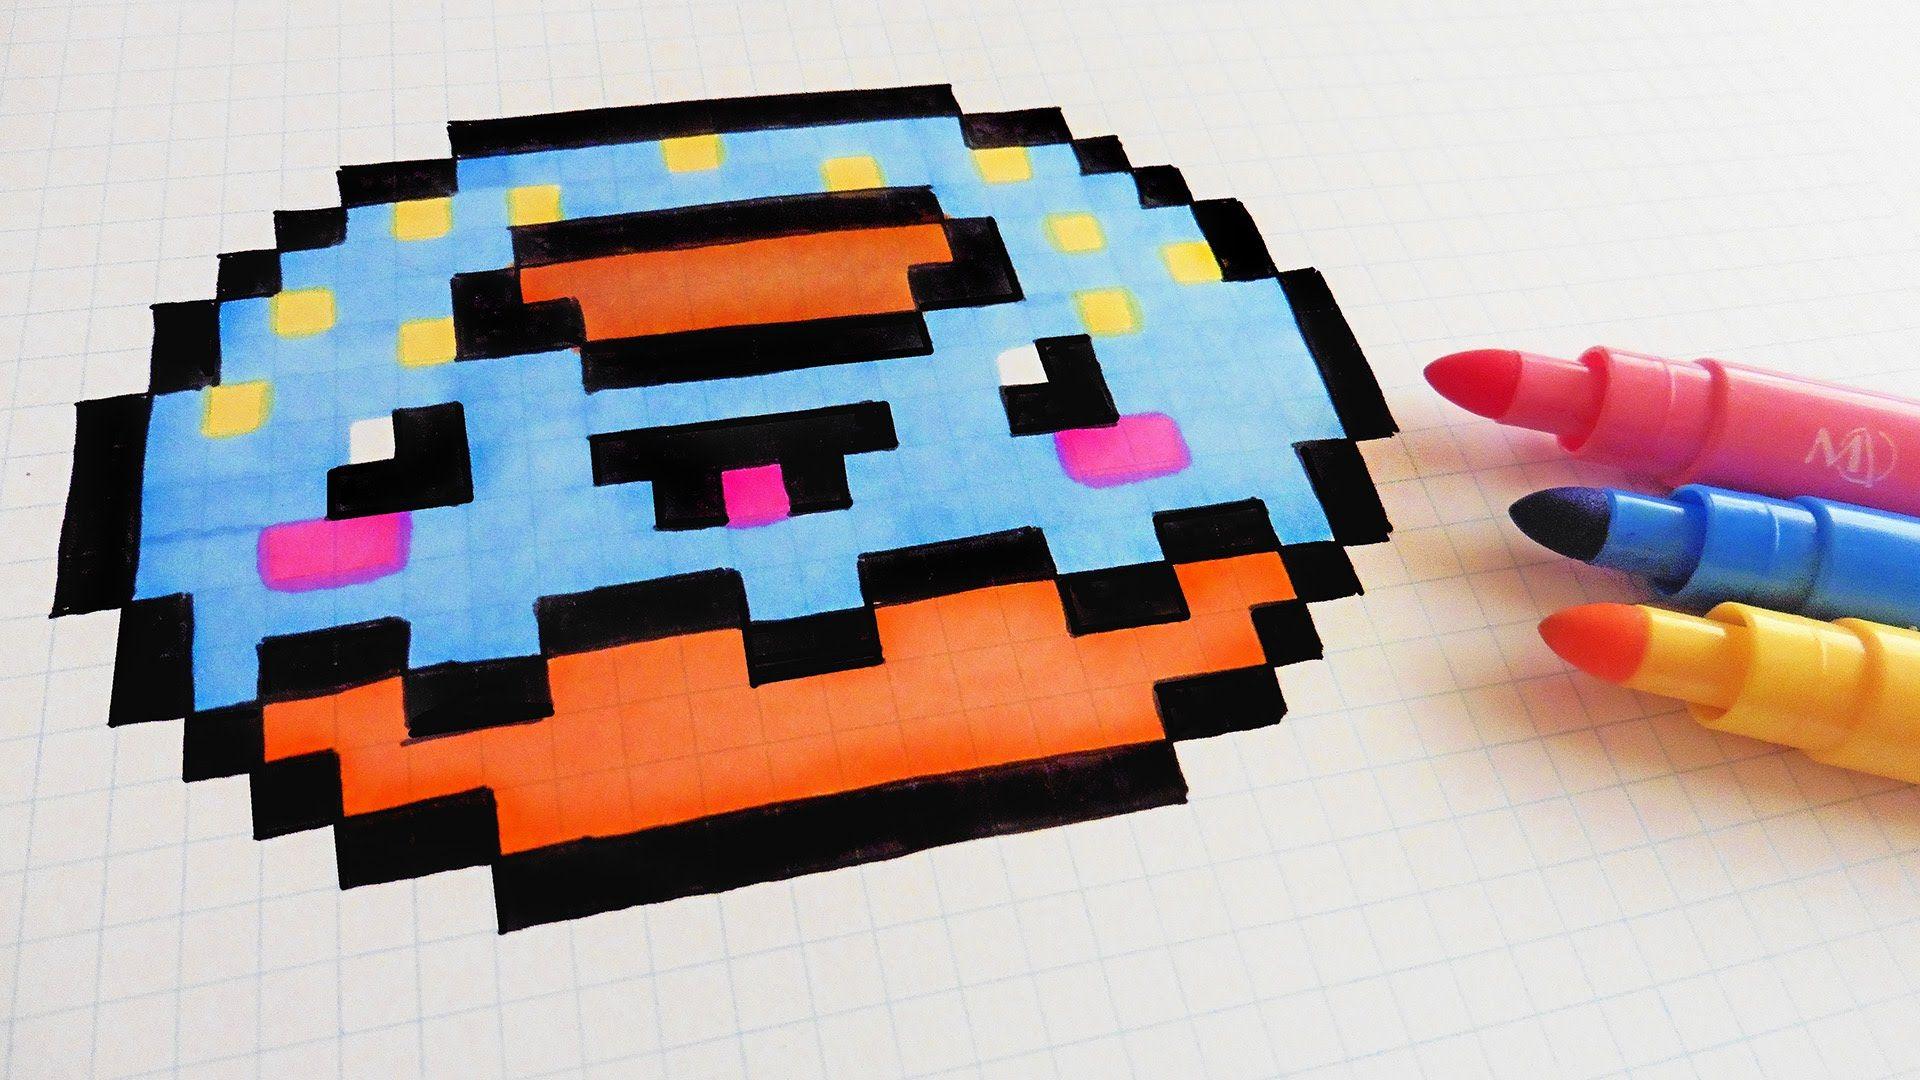 Handmade Pixel Art How To Draw Kawaii Donut Pixelart Artisticas